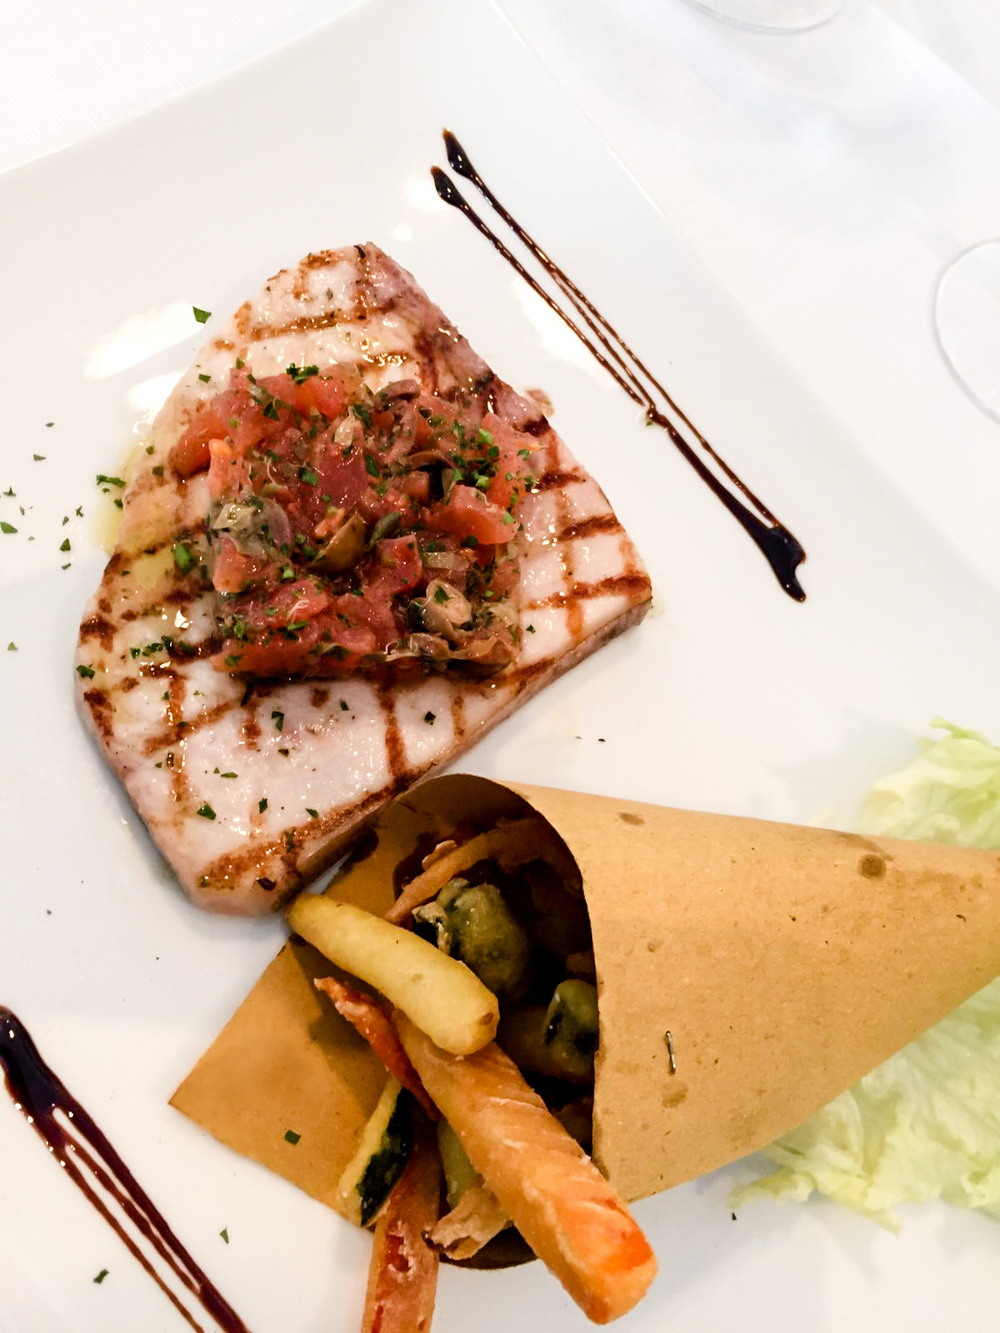 Piatto speciale di primavera: trancio di pesce spada grigliato con salsa mediterranea